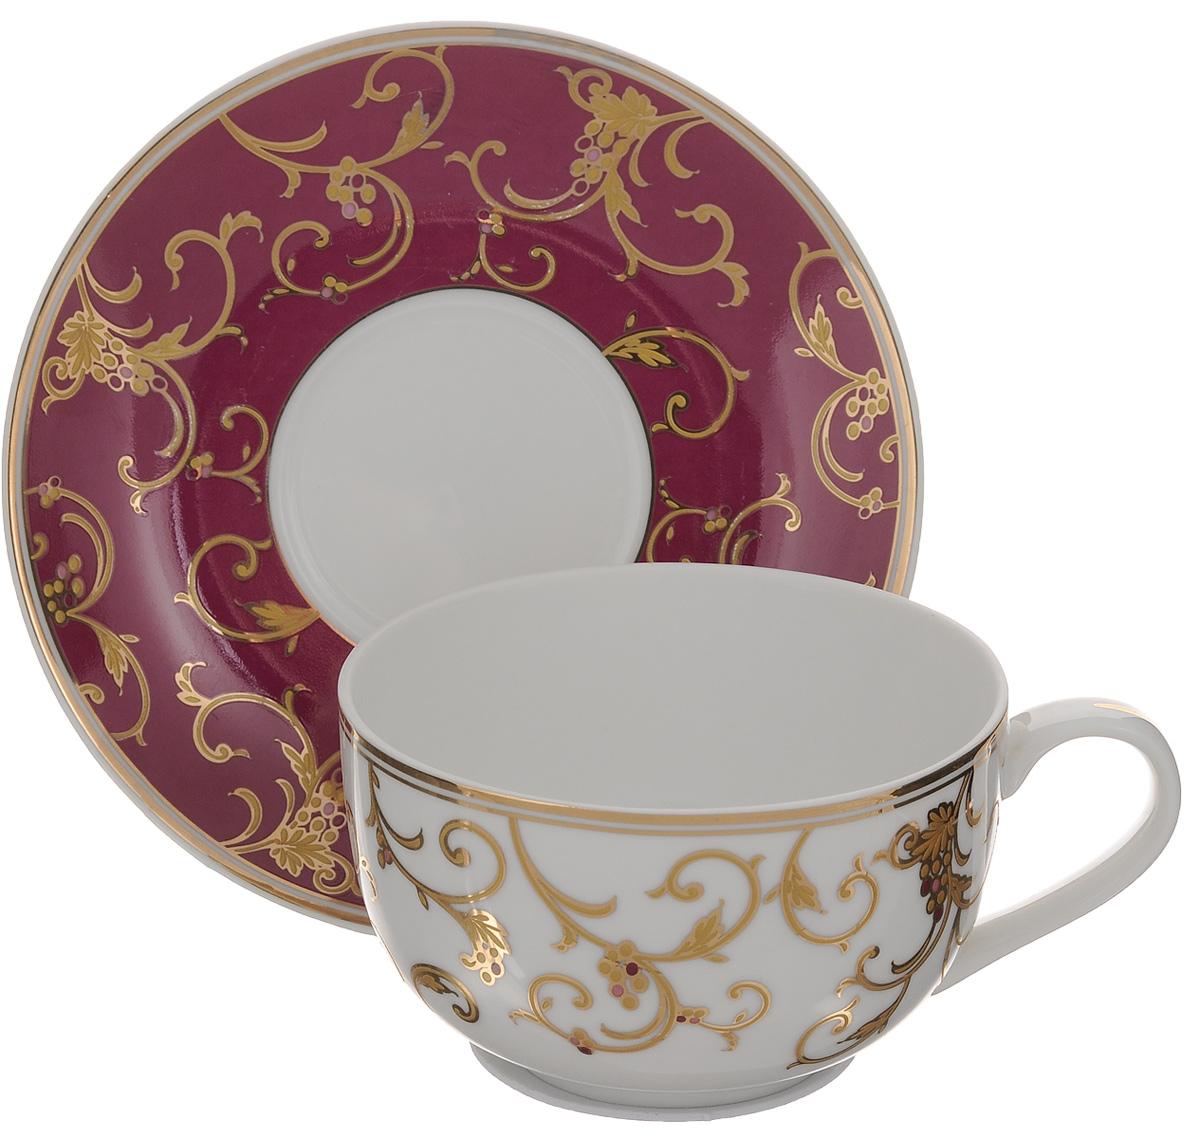 Чайная пара Elan Gallery Королевский узор, цвет: белый, бордовый, 2 предметаVT-1520(SR)Чайная пара Elan Gallery Королевский узор состоит из чашки и блюдца, изготовленных из керамики высшего качества, отличающегося необыкновенной прочностью и небольшим весом. Яркий дизайн, несомненно, придется вам по вкусу.Чайная пара Elan Gallery Королевский узор украсит ваш кухонный стол, а также станет замечательным подарком к любому празднику.Не рекомендуется применять абразивные моющие средства. Не использовать в микроволновой печи.Объем чашки: 400 мл.Диаметр чашки (по верхнему краю): 11 см.Высота чашки: 6,5 см.Диаметр блюдца: 16,5 см.Высота блюдца: 2,5 см.